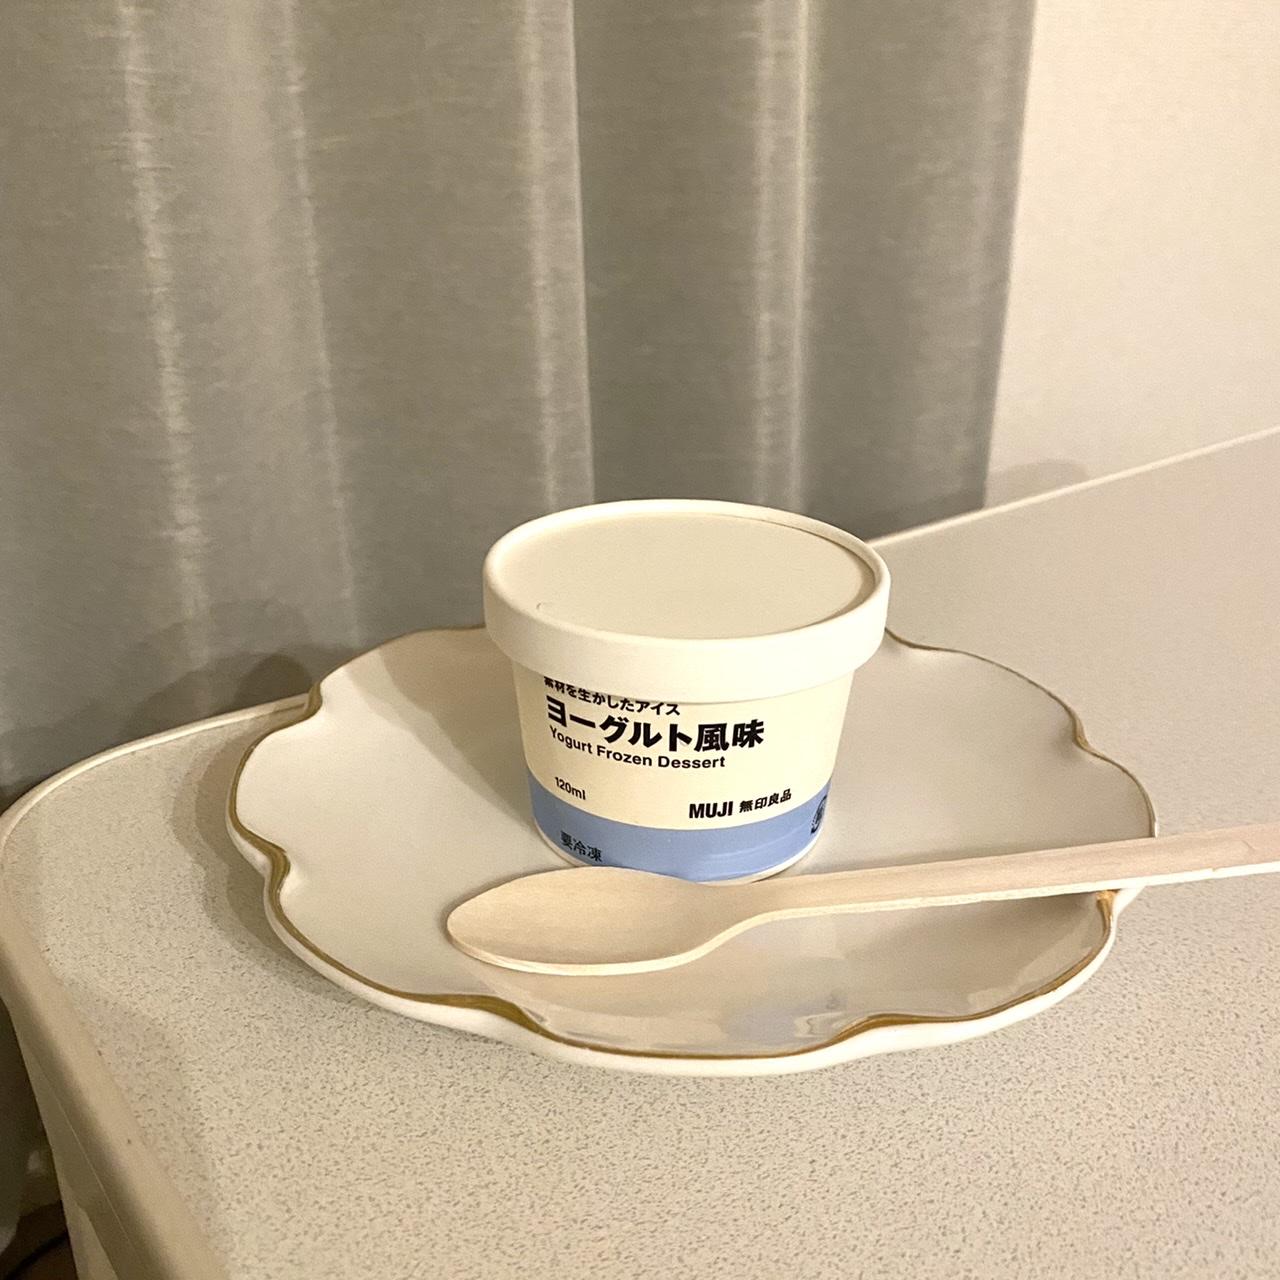 【無印良品】「素材を生かしたアイス」ヨーグルト風味を試してみました!_2